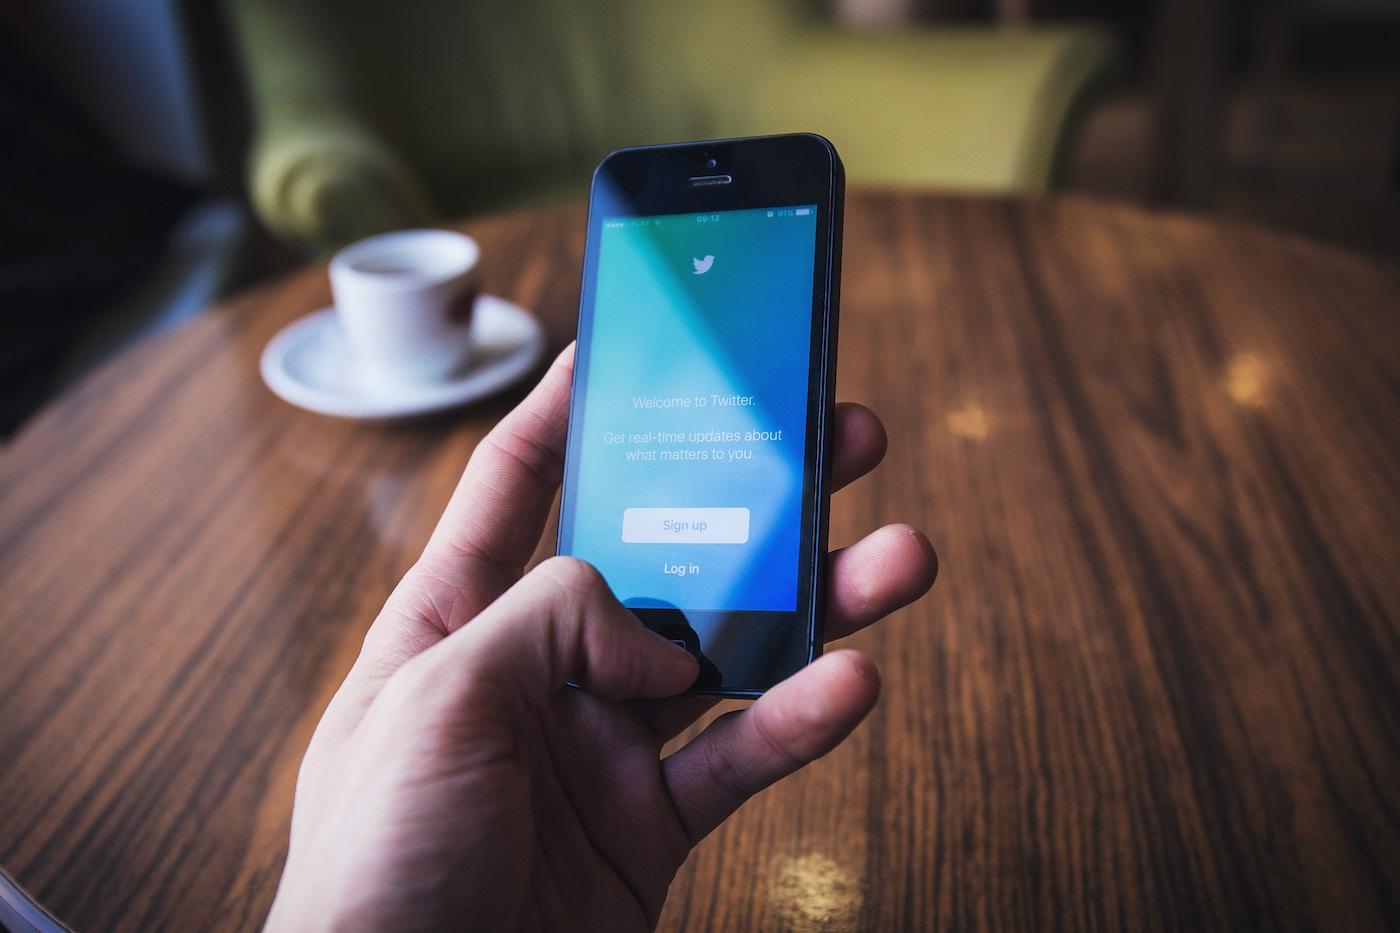 🗣 Twitter видалить твіти про 5G, що можуть завдати шкоди та нести дезінформацію